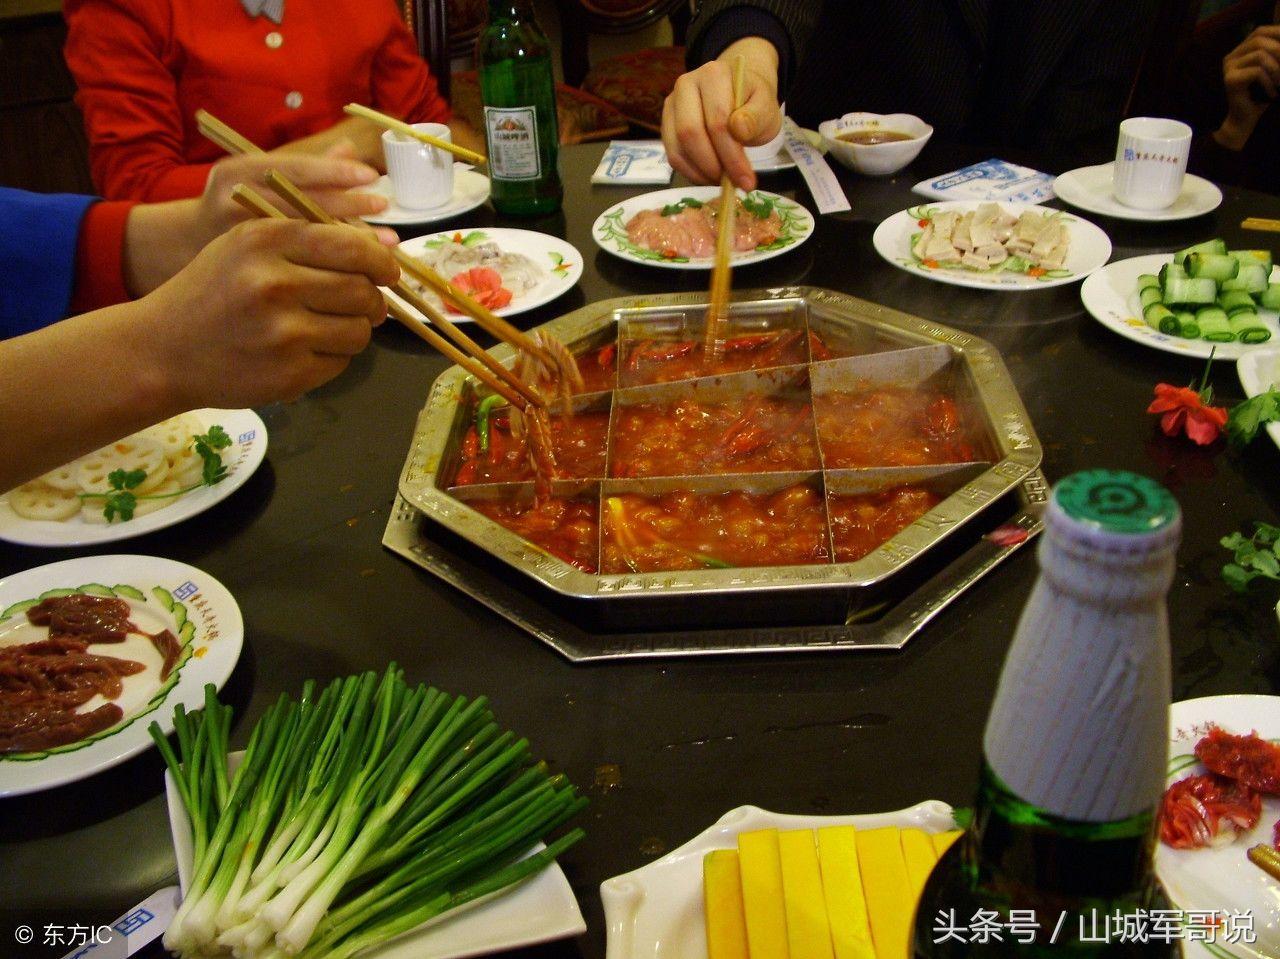 重庆火锅讲究九格子,这样方便夹菜,吃起来更方便快捷!